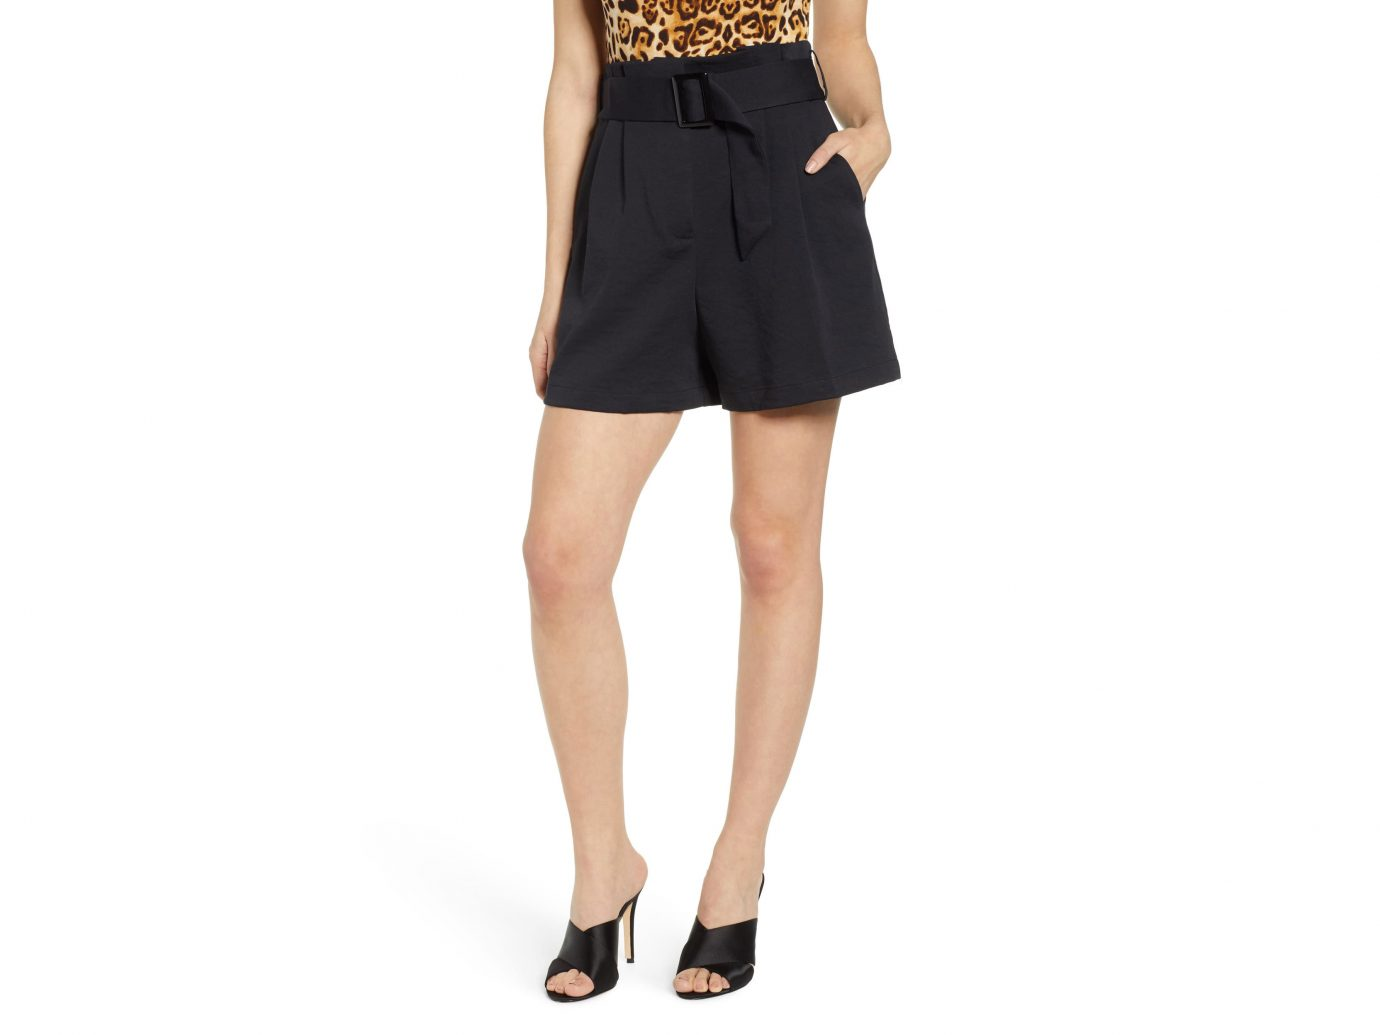 Belt Paperbag Waist Shorts, Main, color, BLACK Buckle Belt Paperbag Waist Shorts LEITH